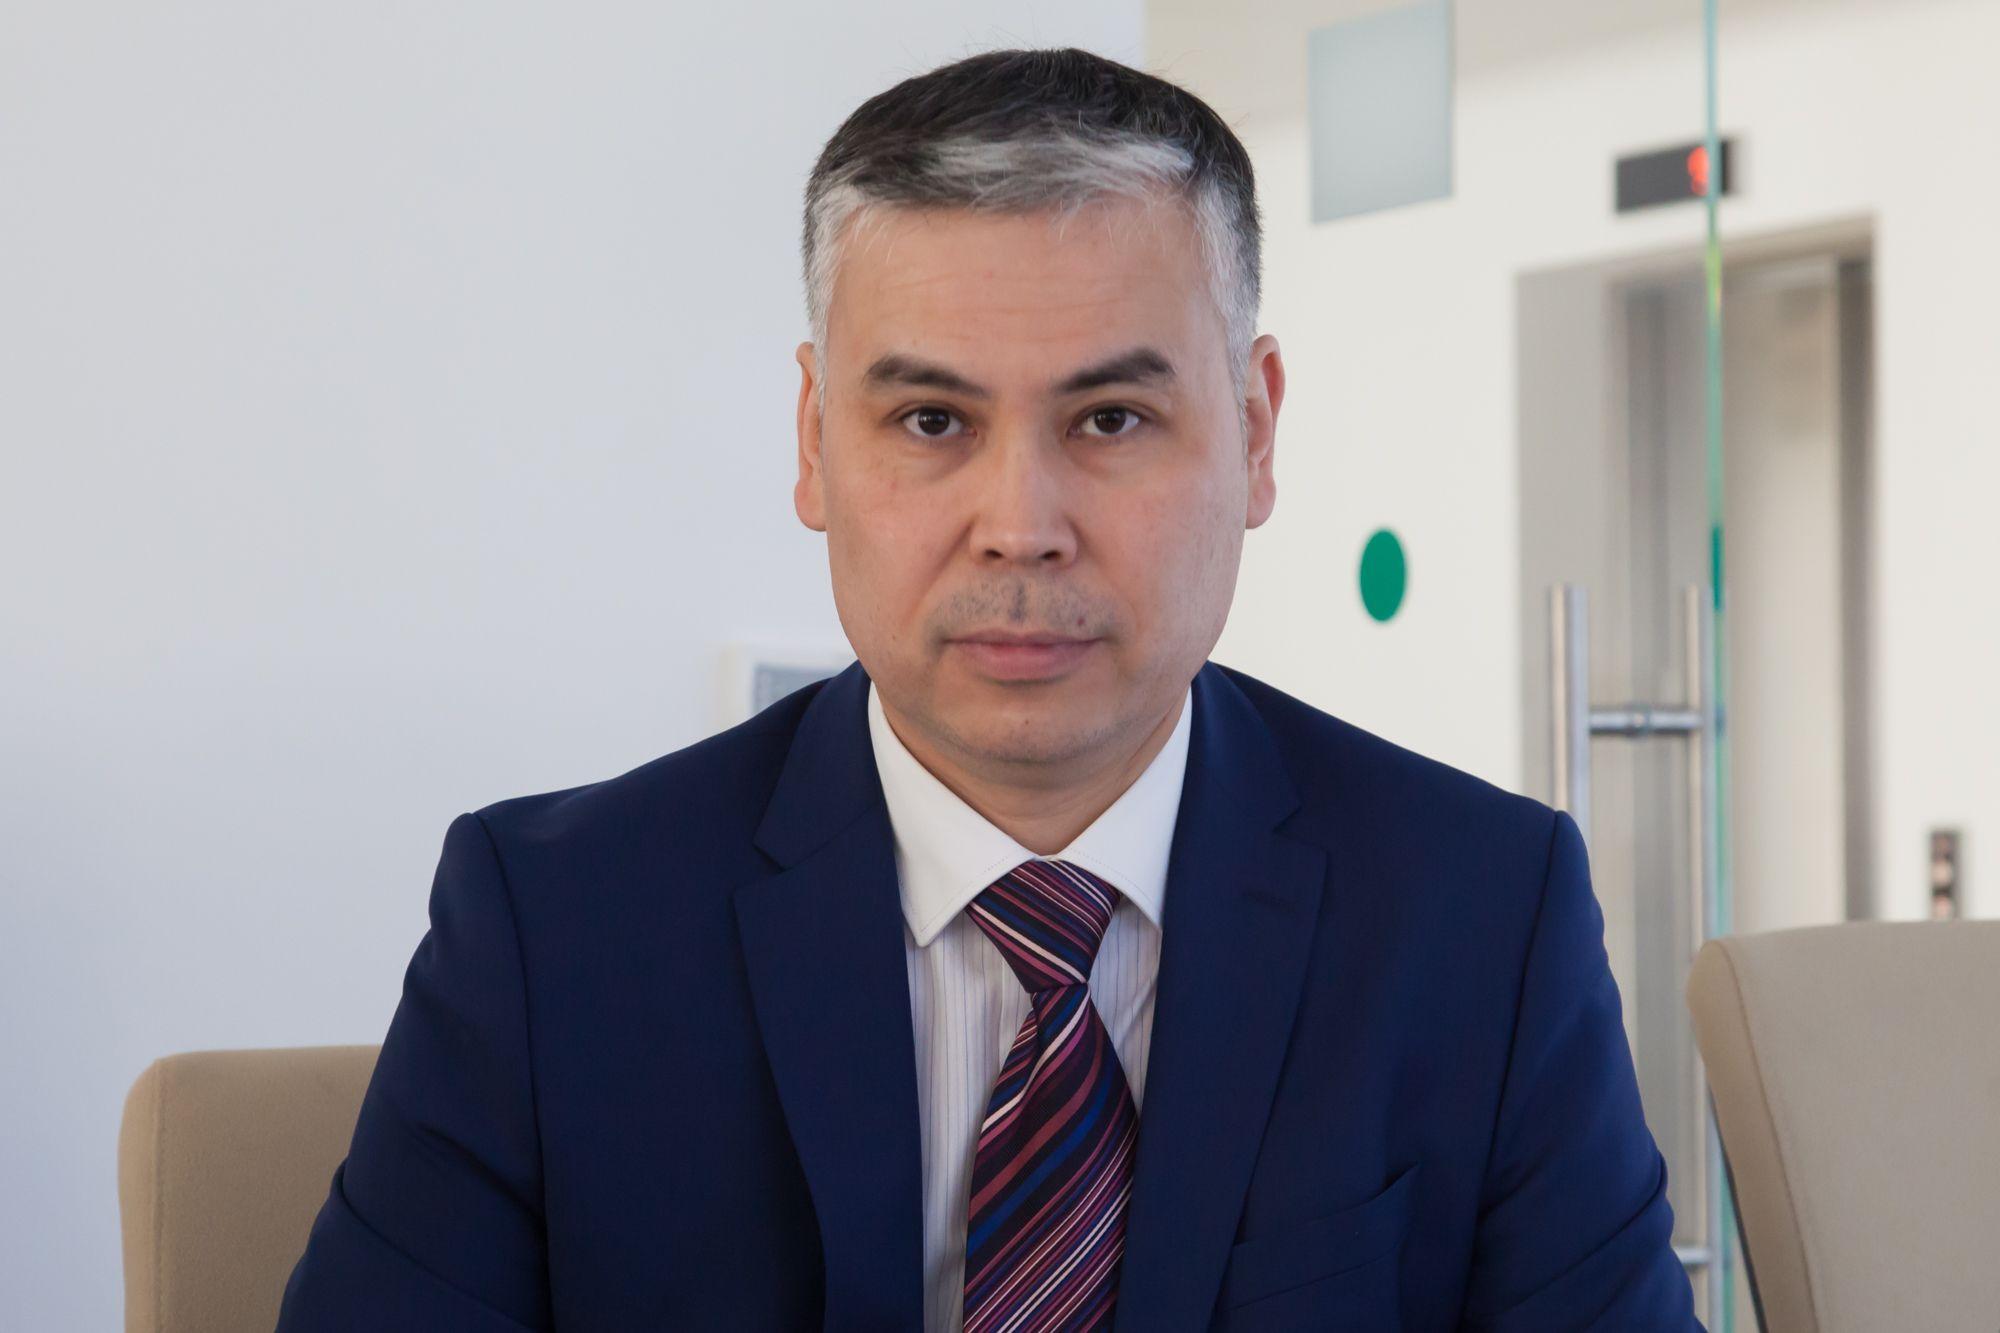 Жанасыл Оспанов: Фермеру теперь удобно торговать не выходя из дома- Kapital.kz